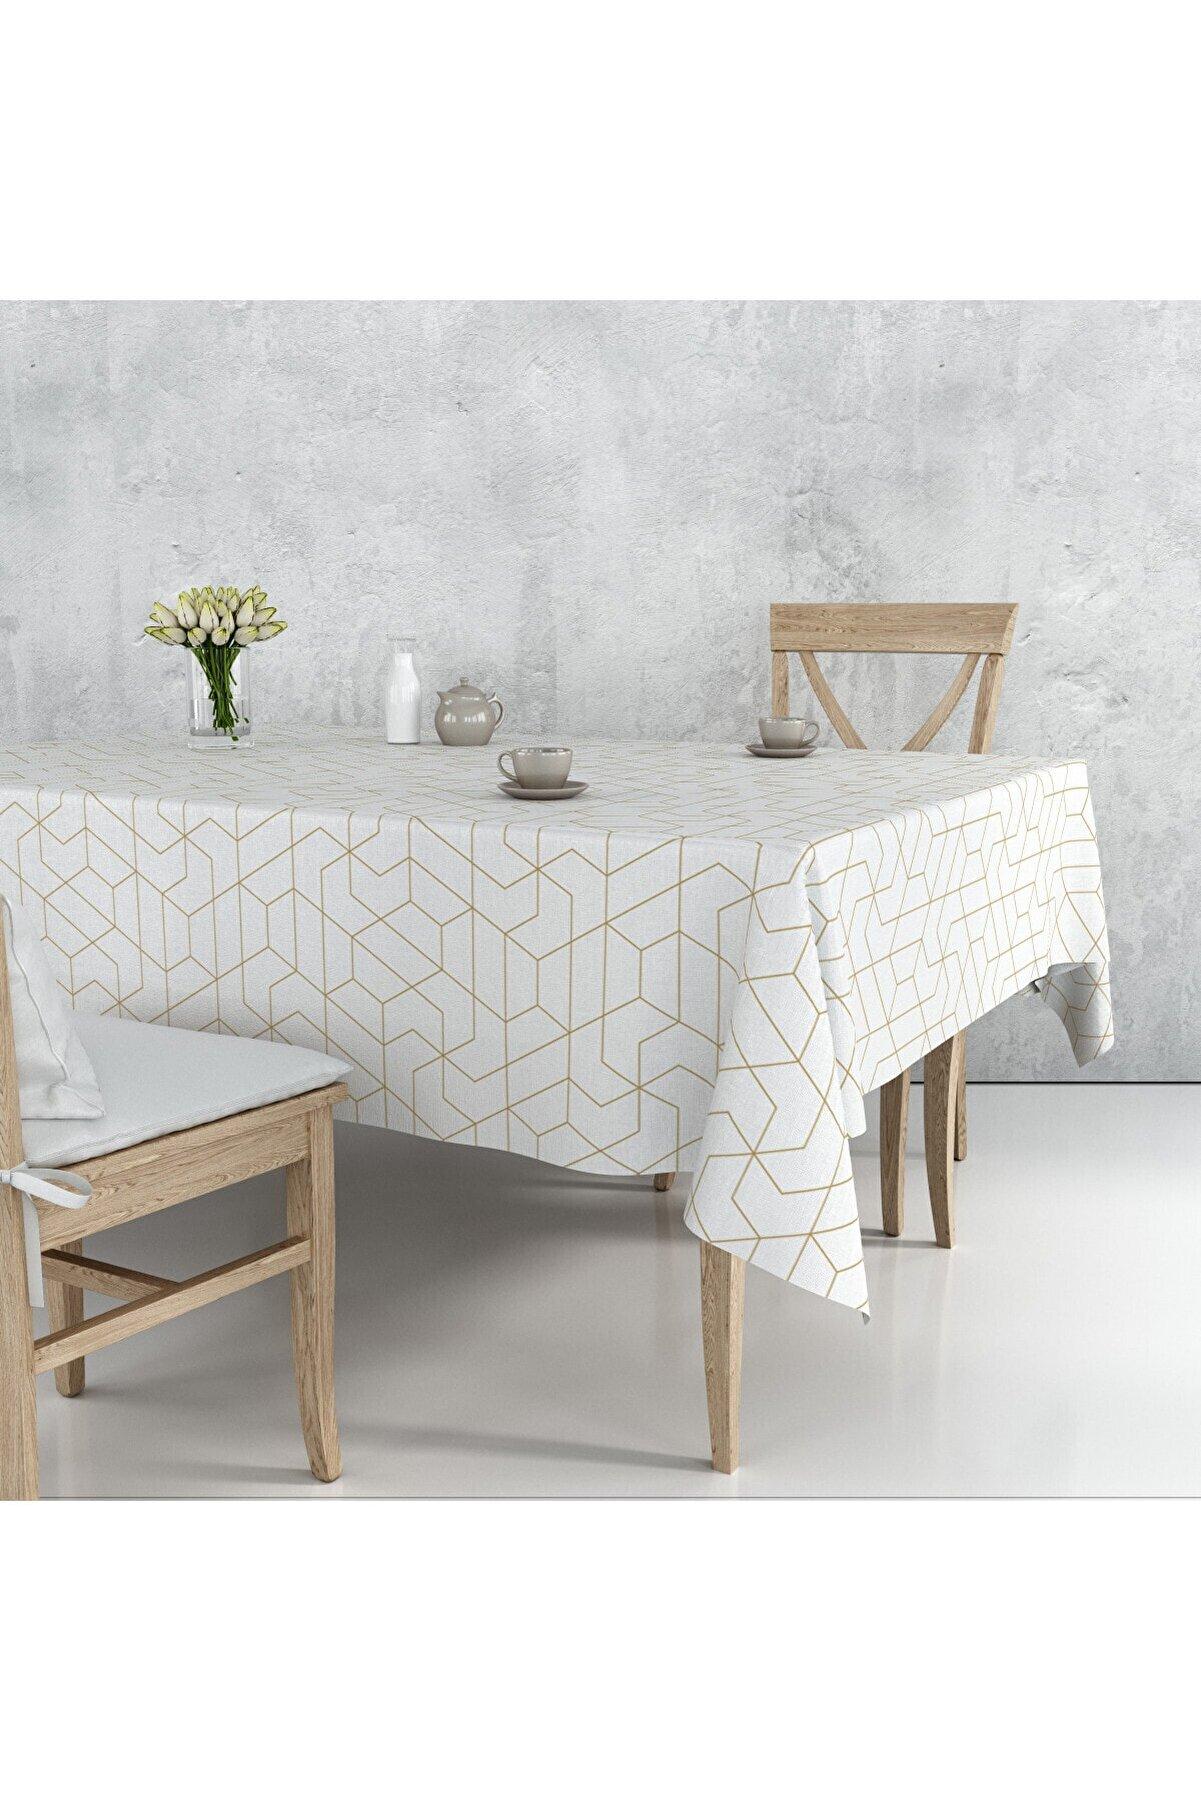 Pilloveland Beyaz Ve Altın Çizgi Desenli Masa Örtüsü 140*180 cm